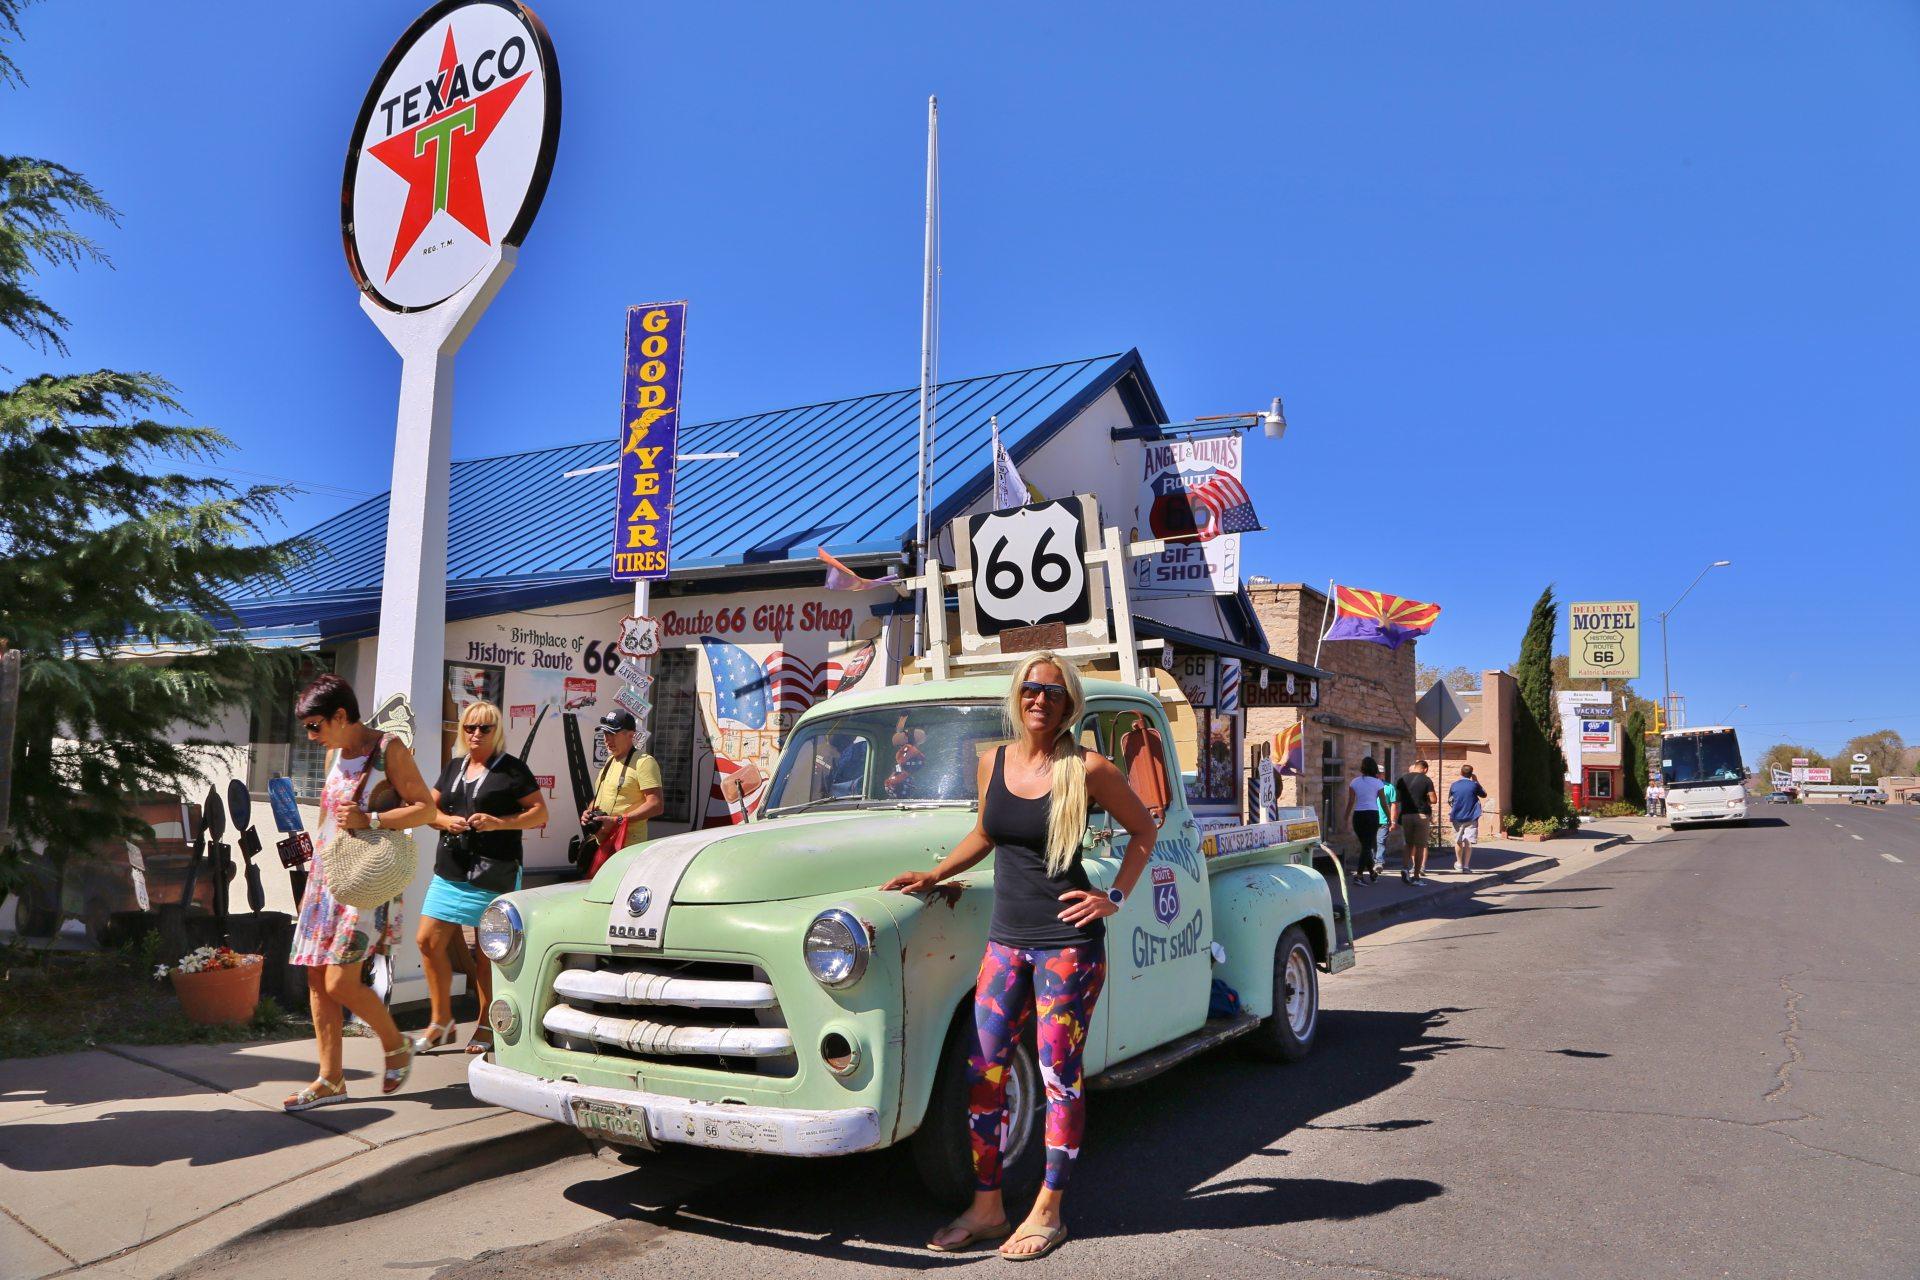 Route 66 und was davon noch blieb - Angel and Vilma Delgadillos Gift Shop, Arizona, Auto, Beschilderung, Blondine, Dodge, Fahrzeug, Gebäude, Goodyear Tires, Himmel, KFZ, Mast, Oldtimer, Personen, Portrait, Porträt, Route 66, Schild, Schilder, Seligman, Souvenierladen, Strasse, Texaco, Werbeschilder - HOFBAUER-HOFMANN Sofia - (Seligman, Arizona, Vereinigte Staaten)